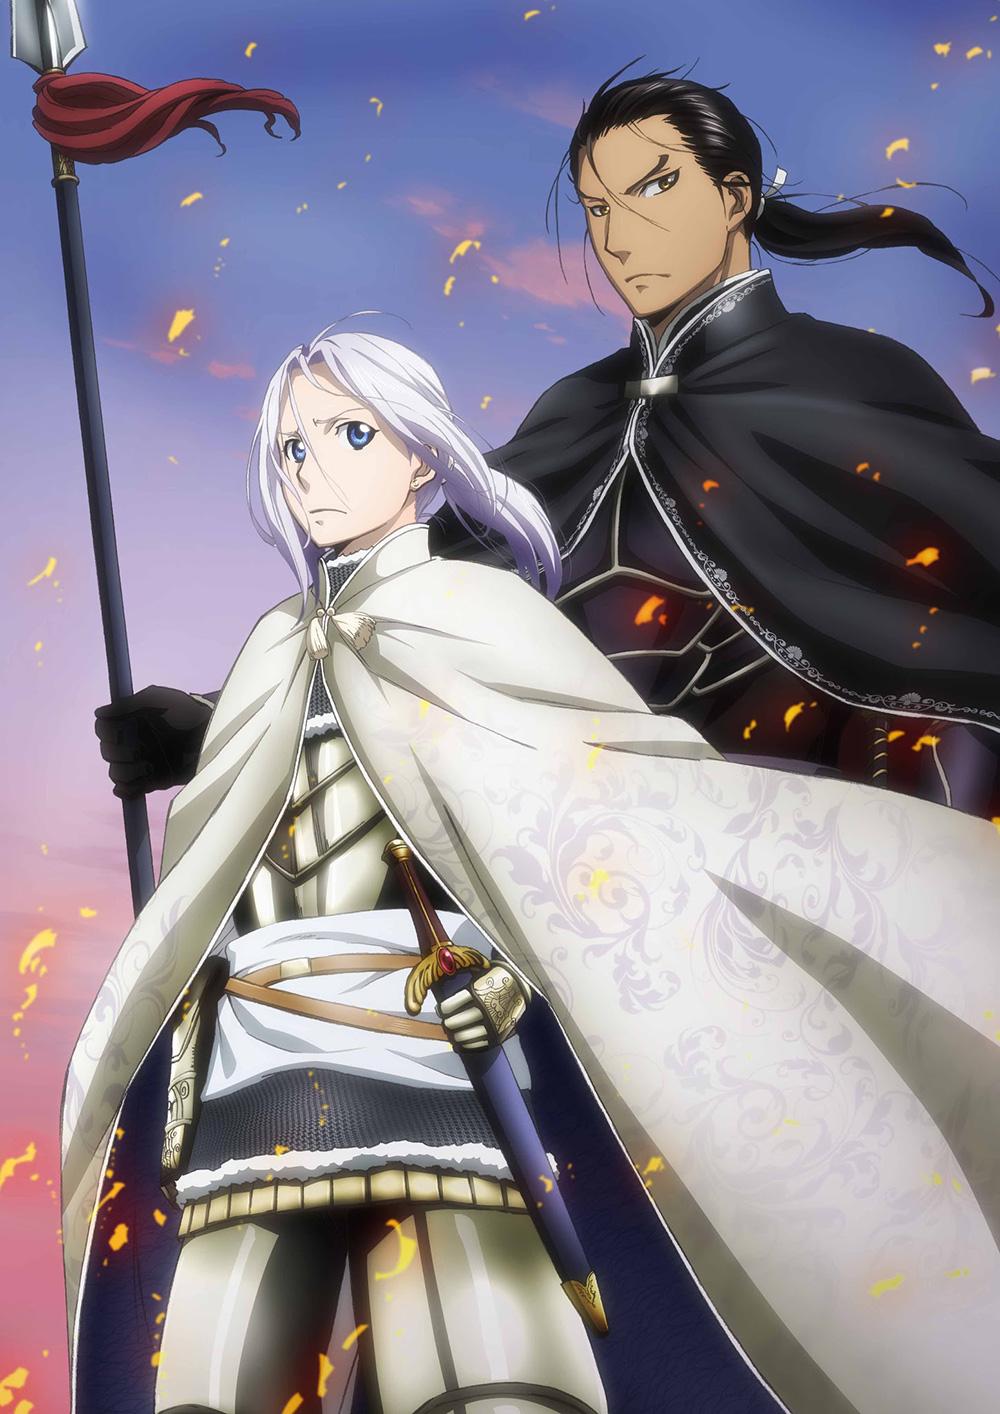 Arslan-Senki-Anime-Visual-1v2